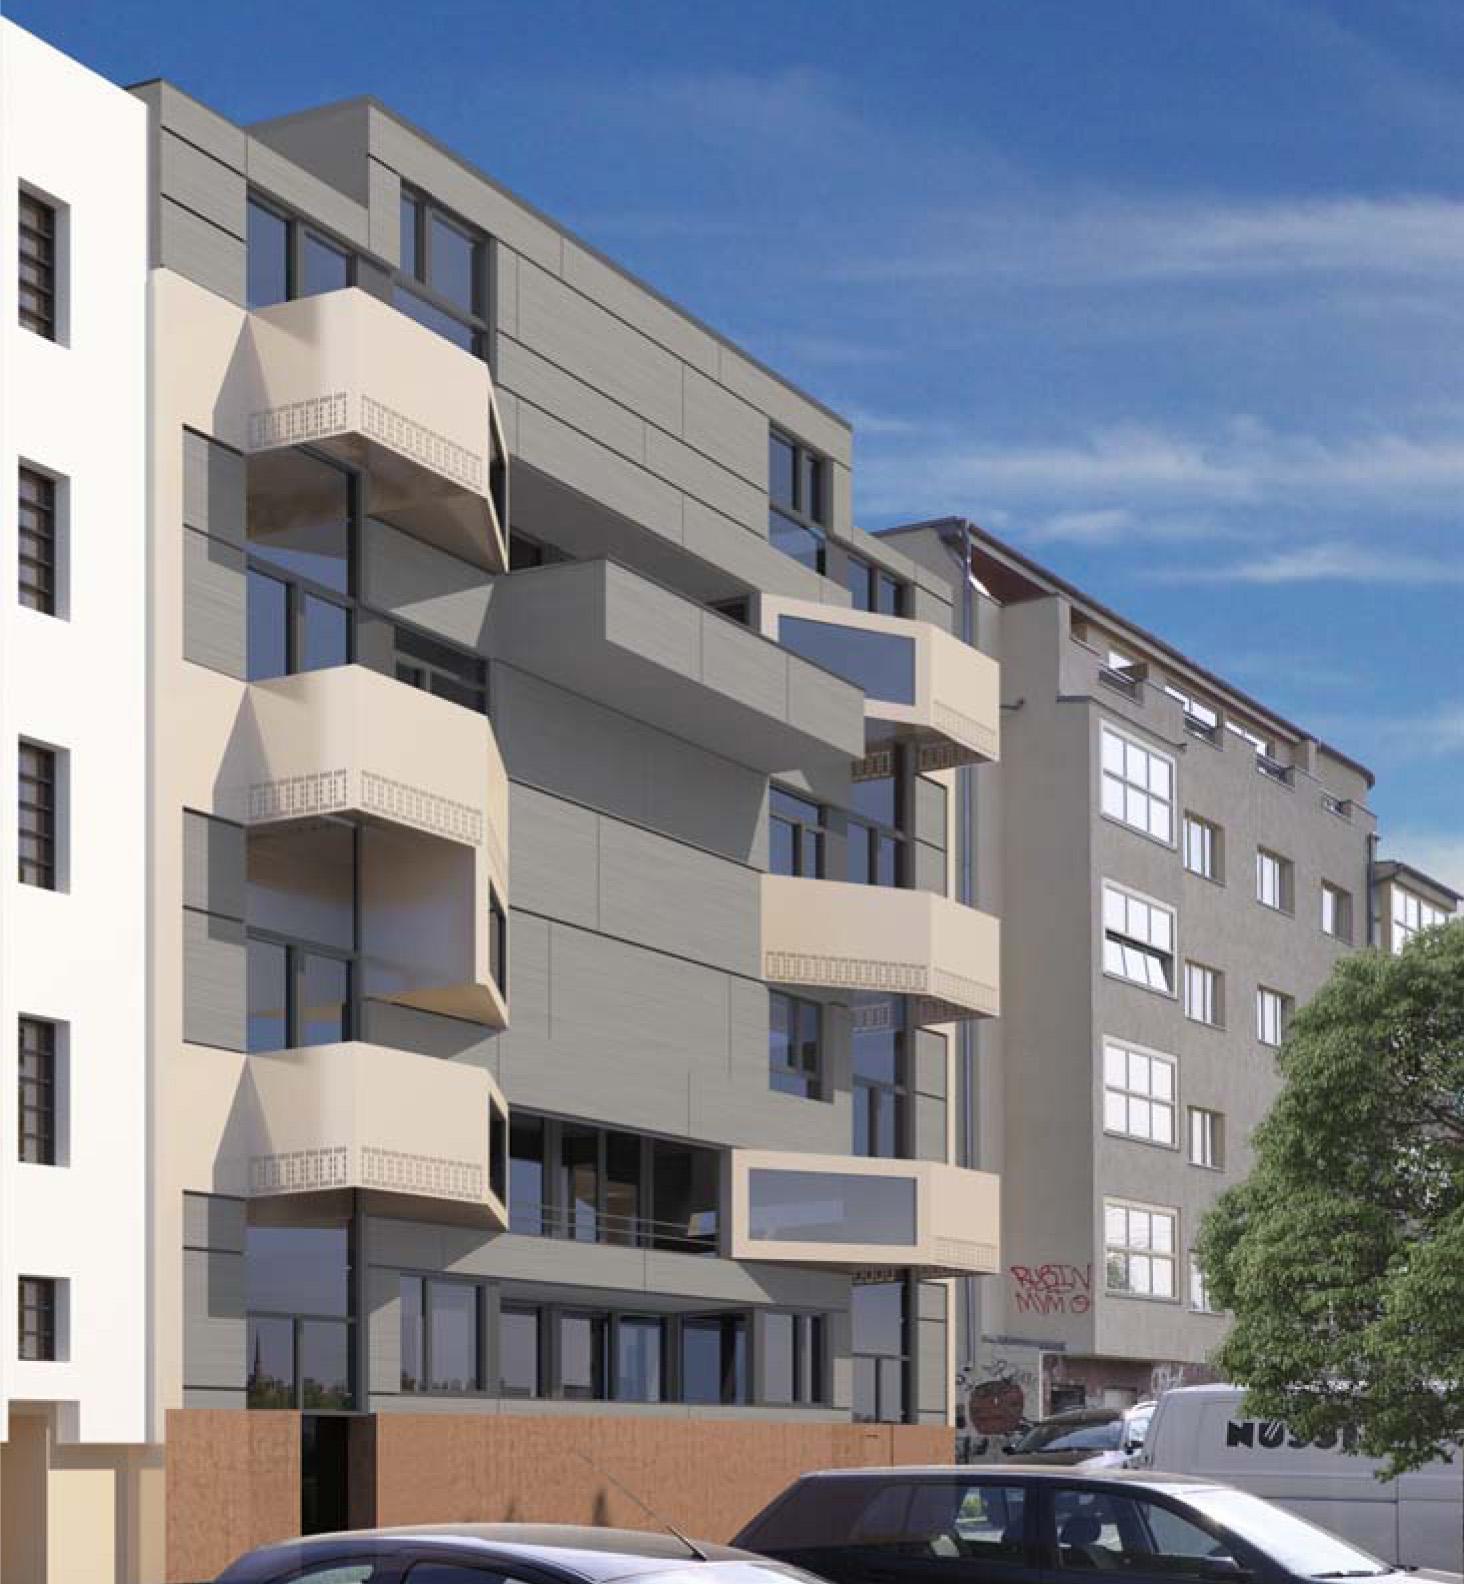 Vermietung Wohnung in der Revaler Straße